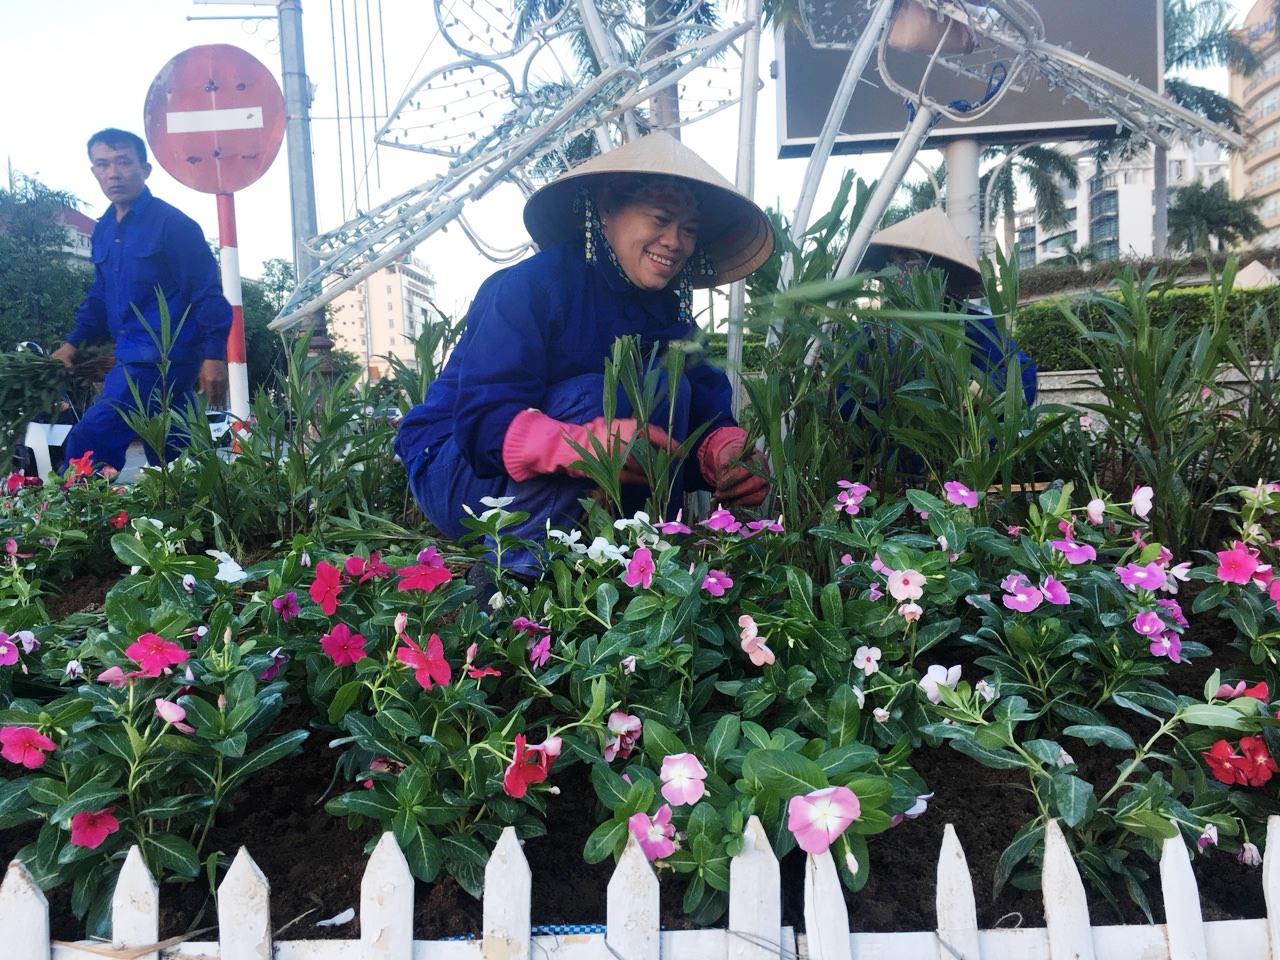 Nữ công nhân say mê với nghề làm xanh- sạch- đẹp cảnh quan môi trường